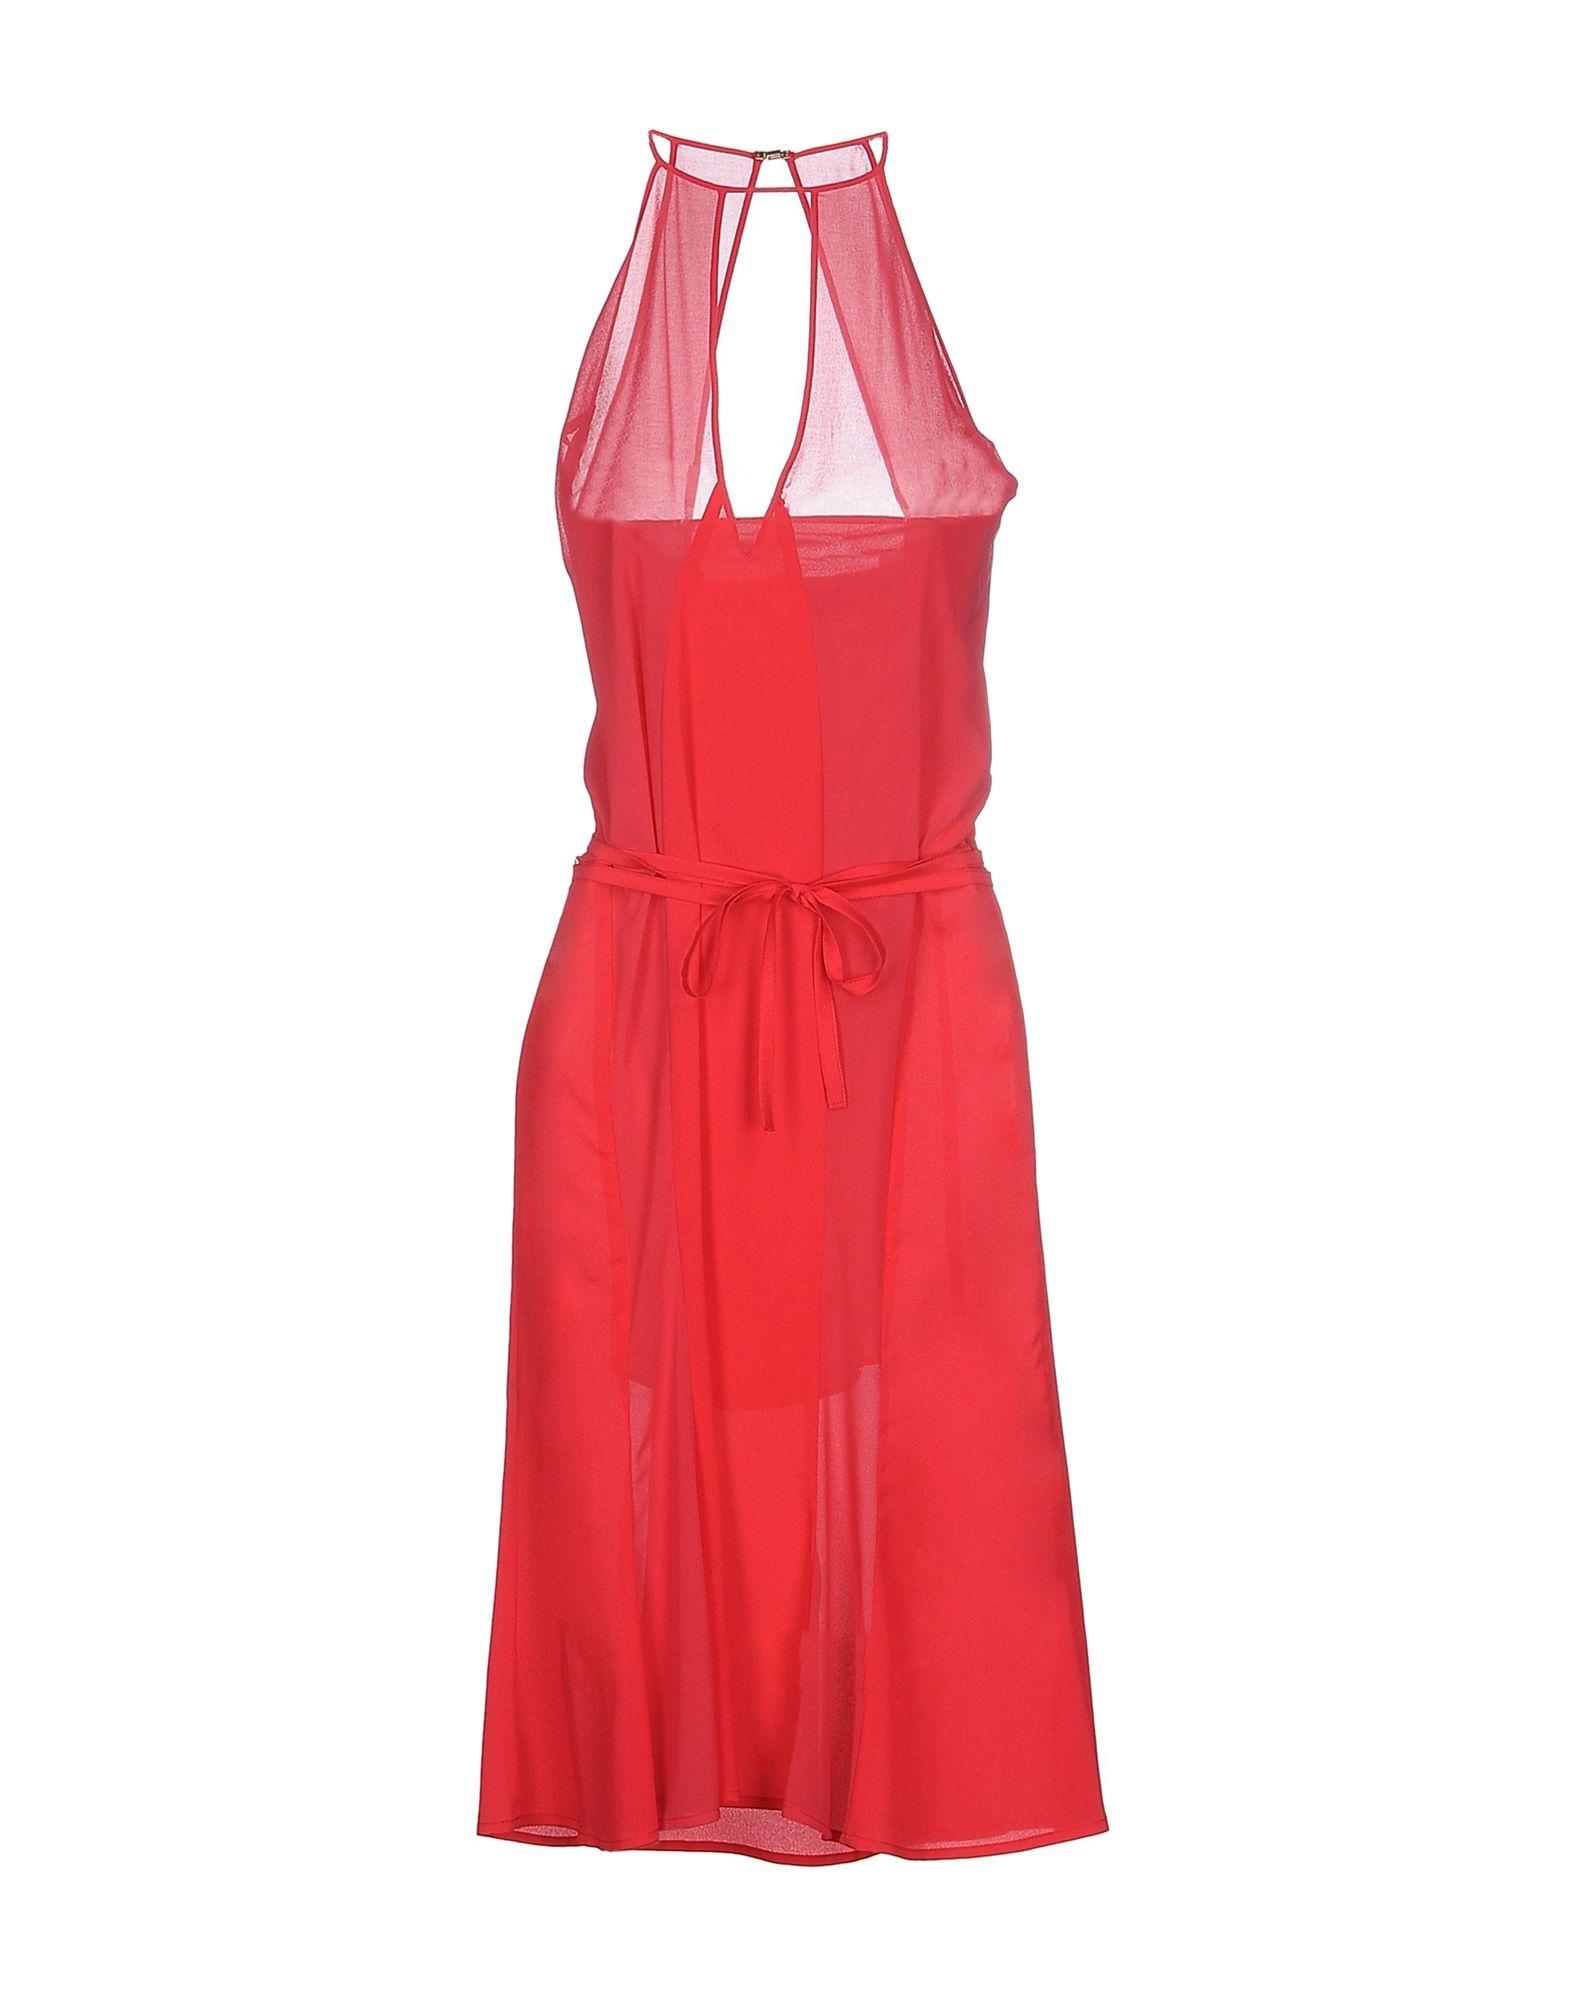 все цены на SPACE STYLE CONCEPT Платье длиной 3/4 в интернете